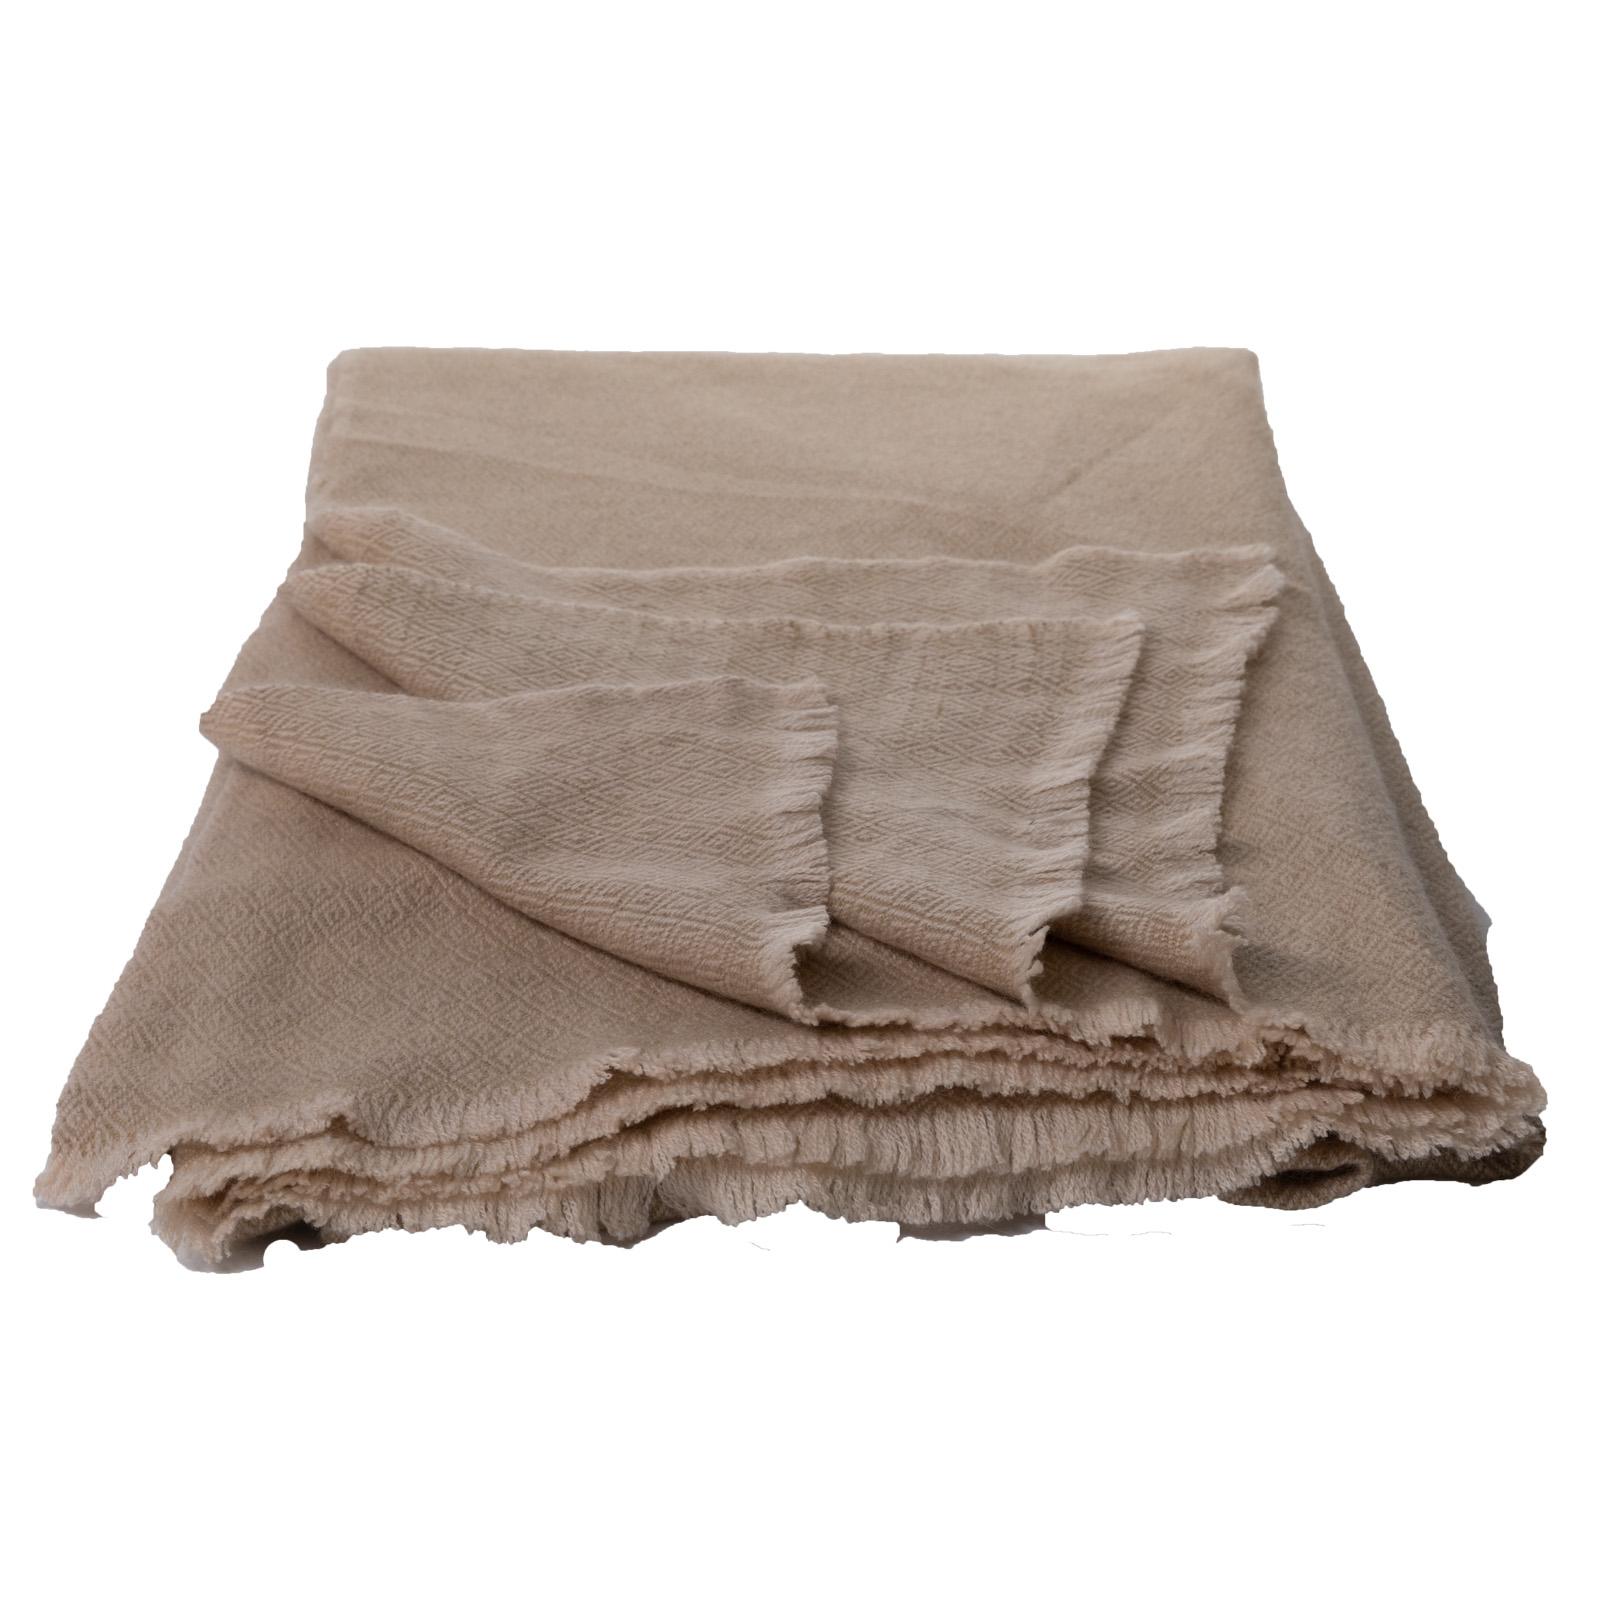 Cashmere-Decke beige/natur aus Nepal  140x200 cm